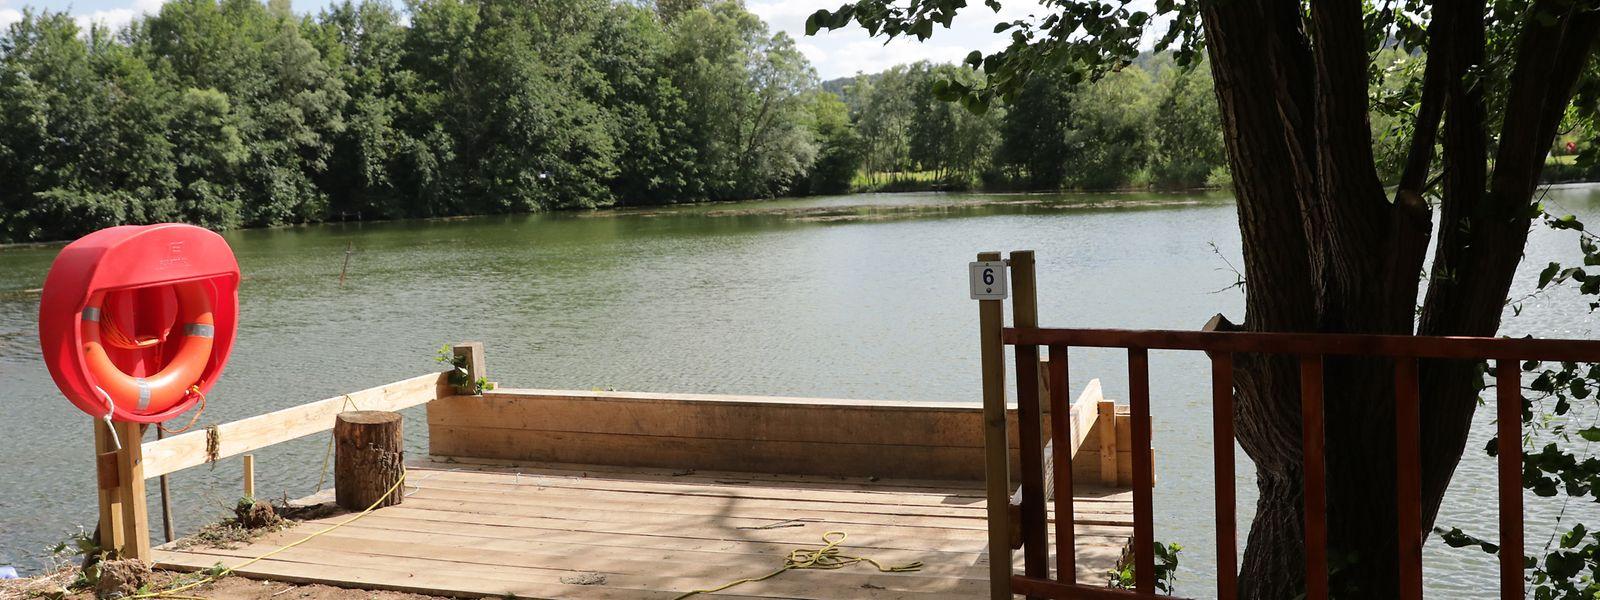 Am Ufer wurden weitere Rettungsreifen angebracht und ein befahrbarer Steg gebaut, von dem auch Rollstuhlfahrer im See fischen können.